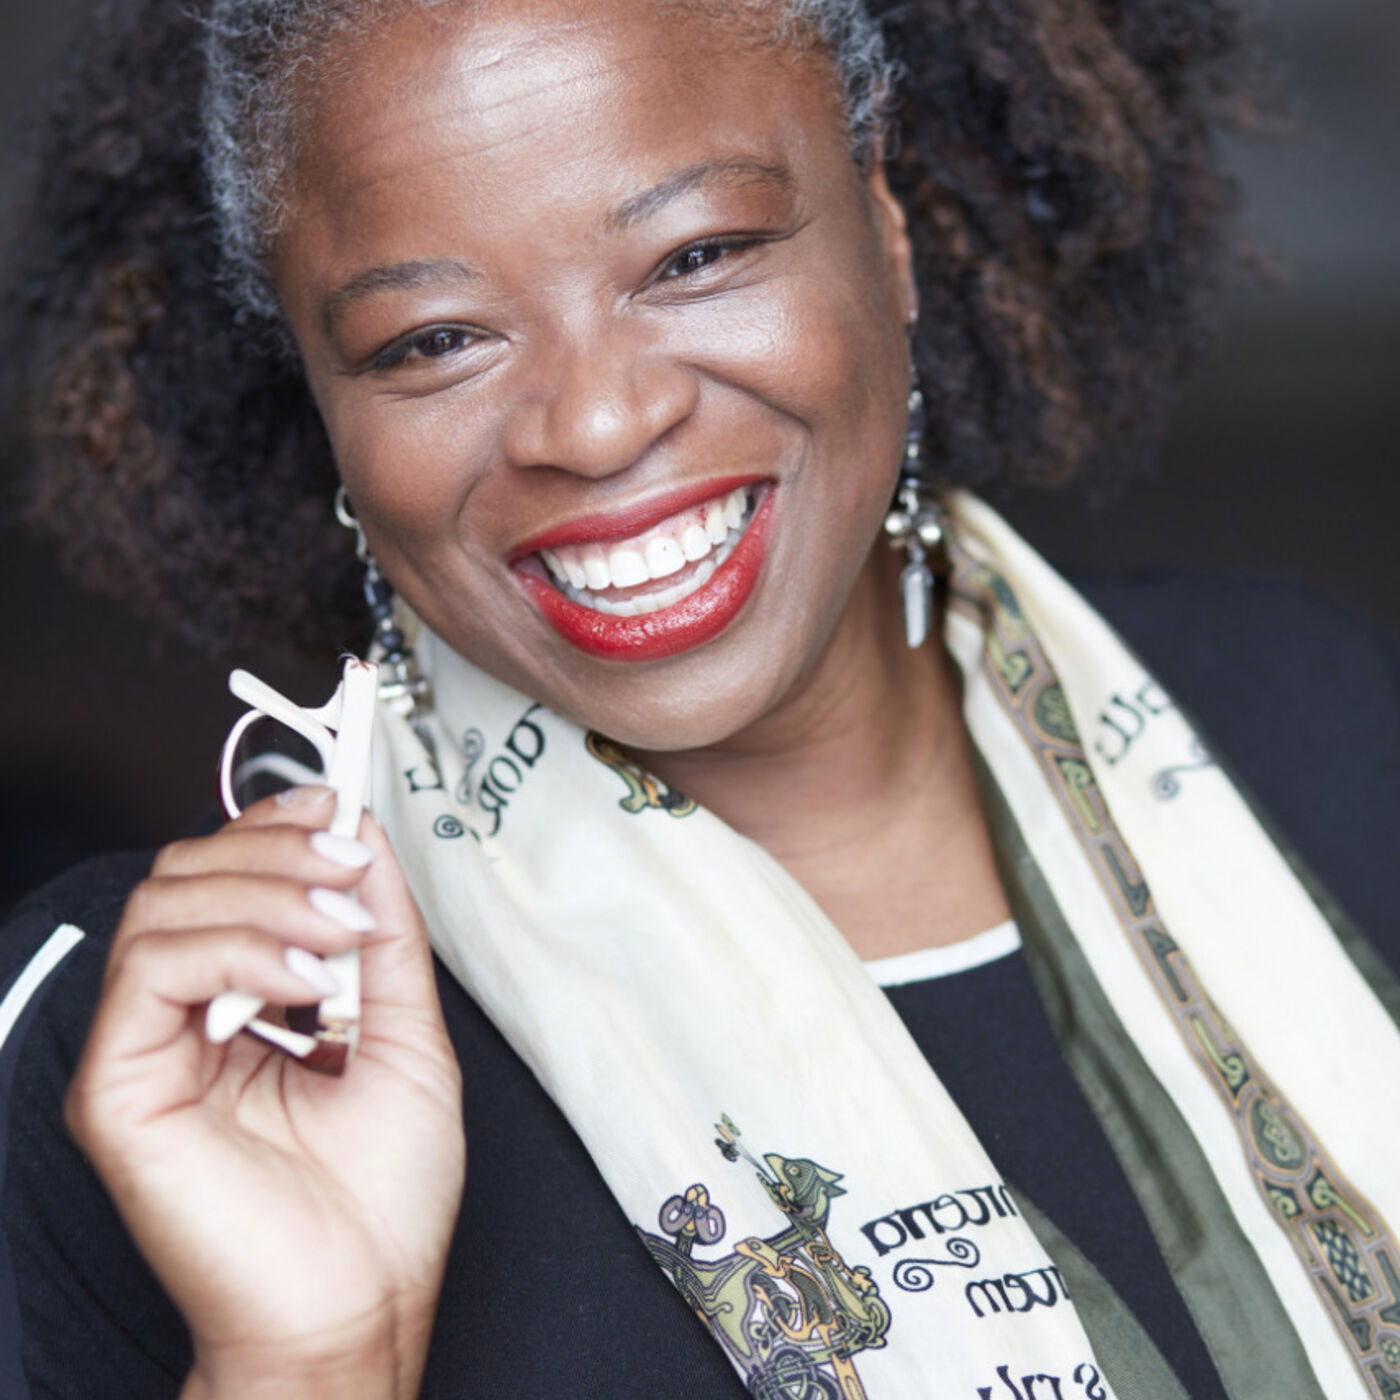 Doni Aldine/Editor & Chief of Culturs Magazine